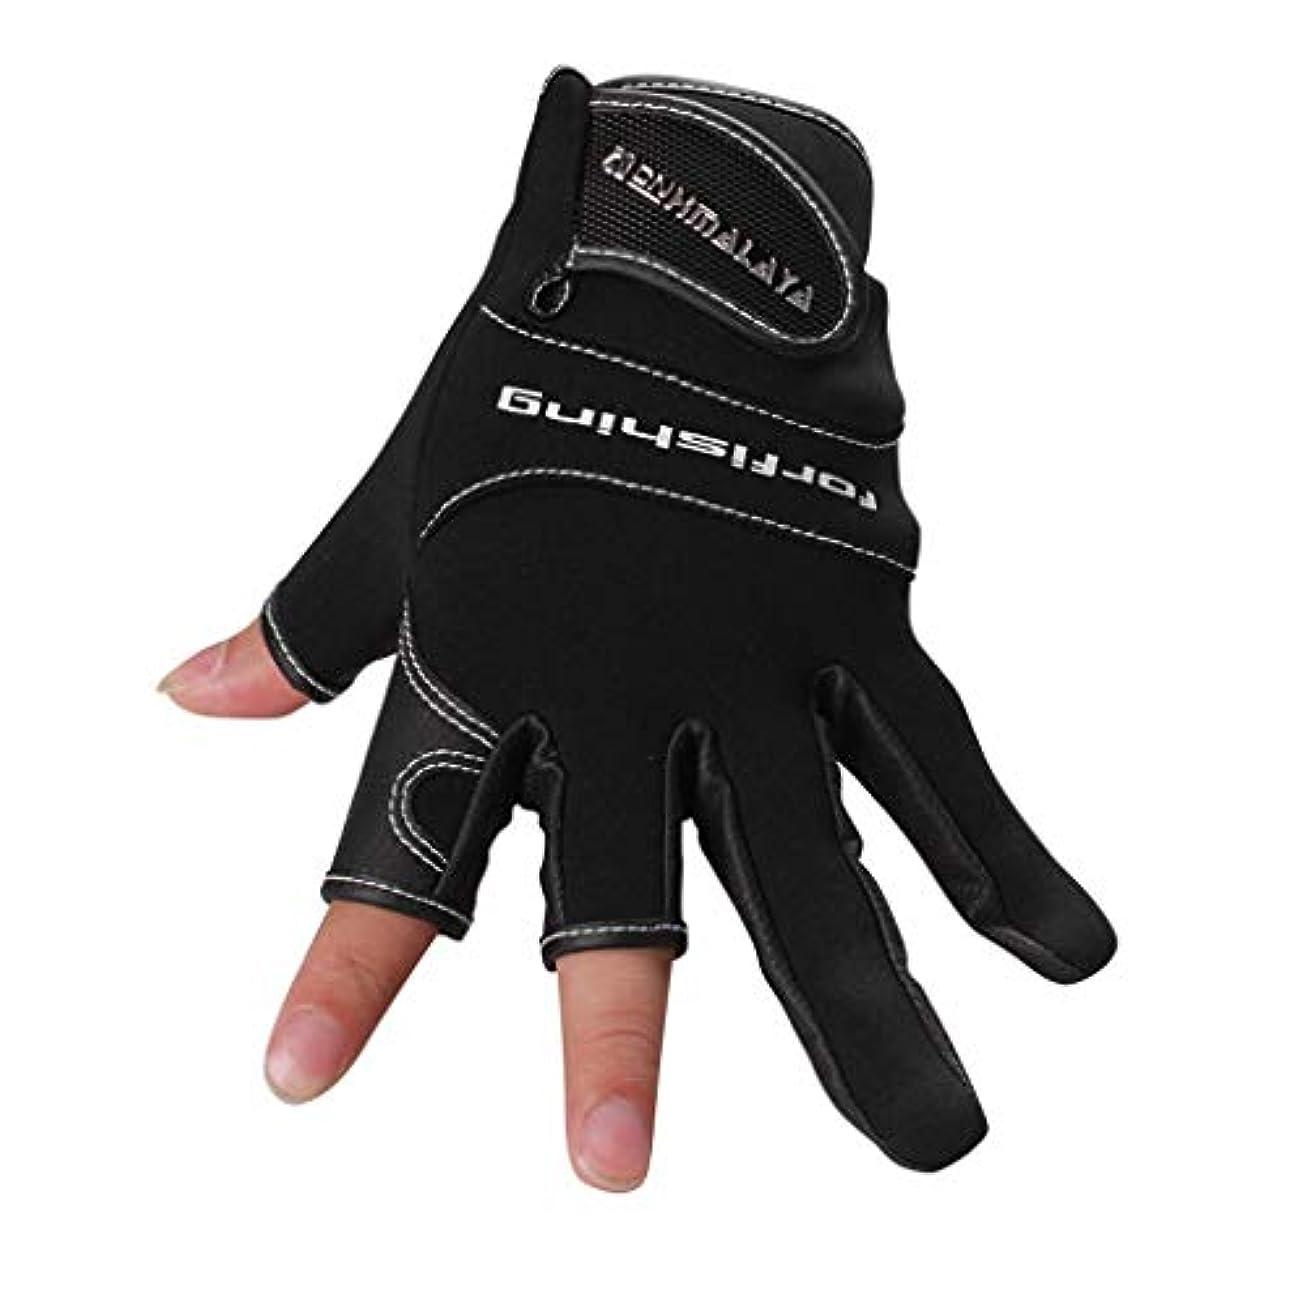 多分交差点準拠JCCOZ アウトドアスポーツグローブ、登山フィットネスに適した防水性で 暖かい釣り用の露3本指グローブ (Color : Black, Size : Xl)